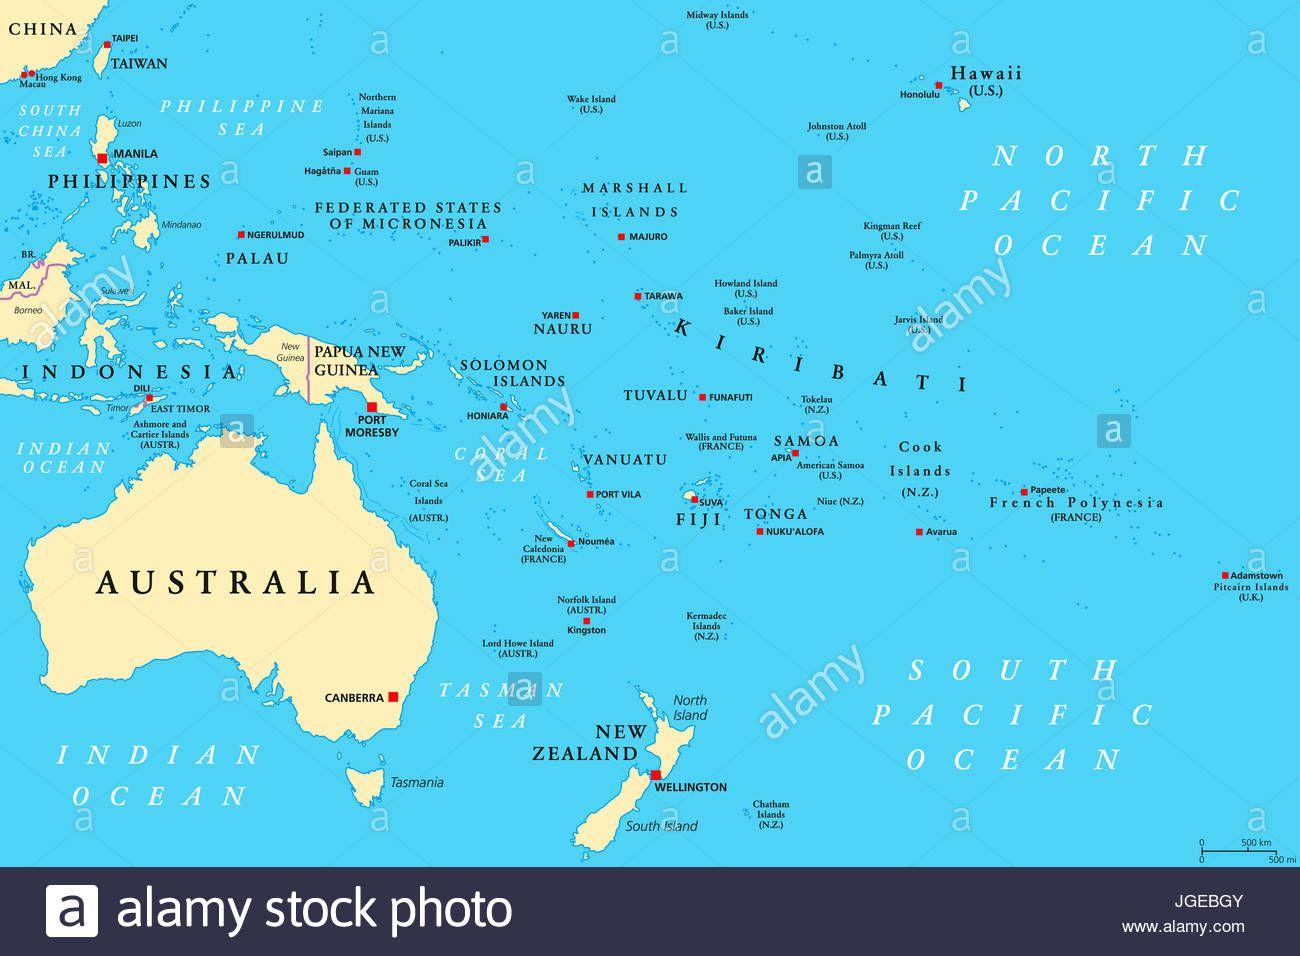 Mapa Politico De Oceania Region Centrado En Islas Del